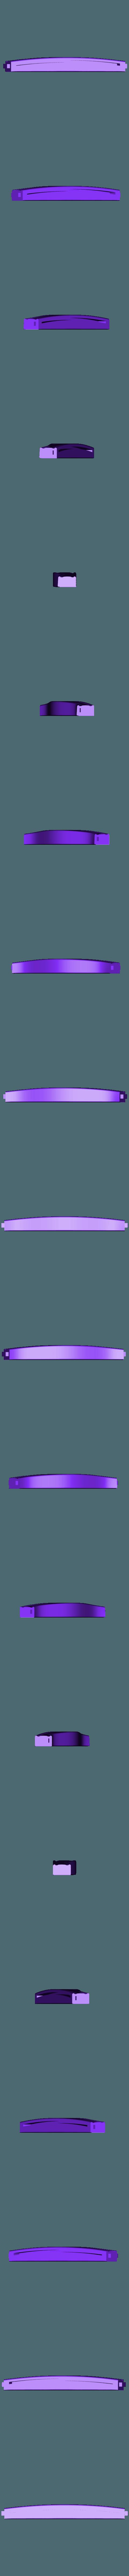 9.STL Télécharger fichier STL gratuit chaise renaissance • Plan pour imprimante 3D, 3DPrinterFiles